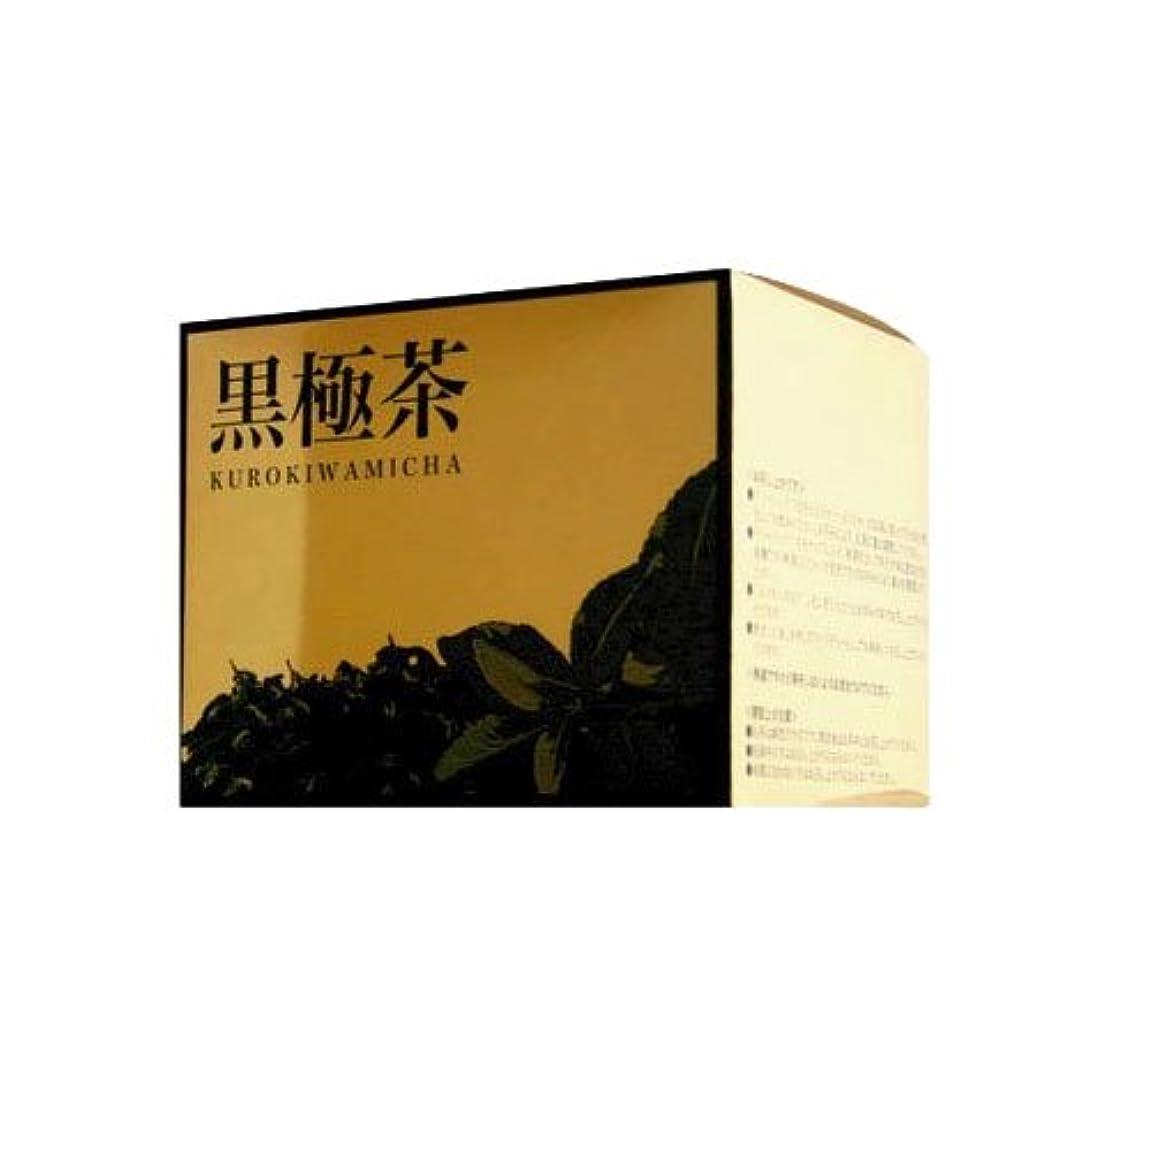 植物学ミニタンザニア黒極茶(ゴールド) 2.5g*30包入